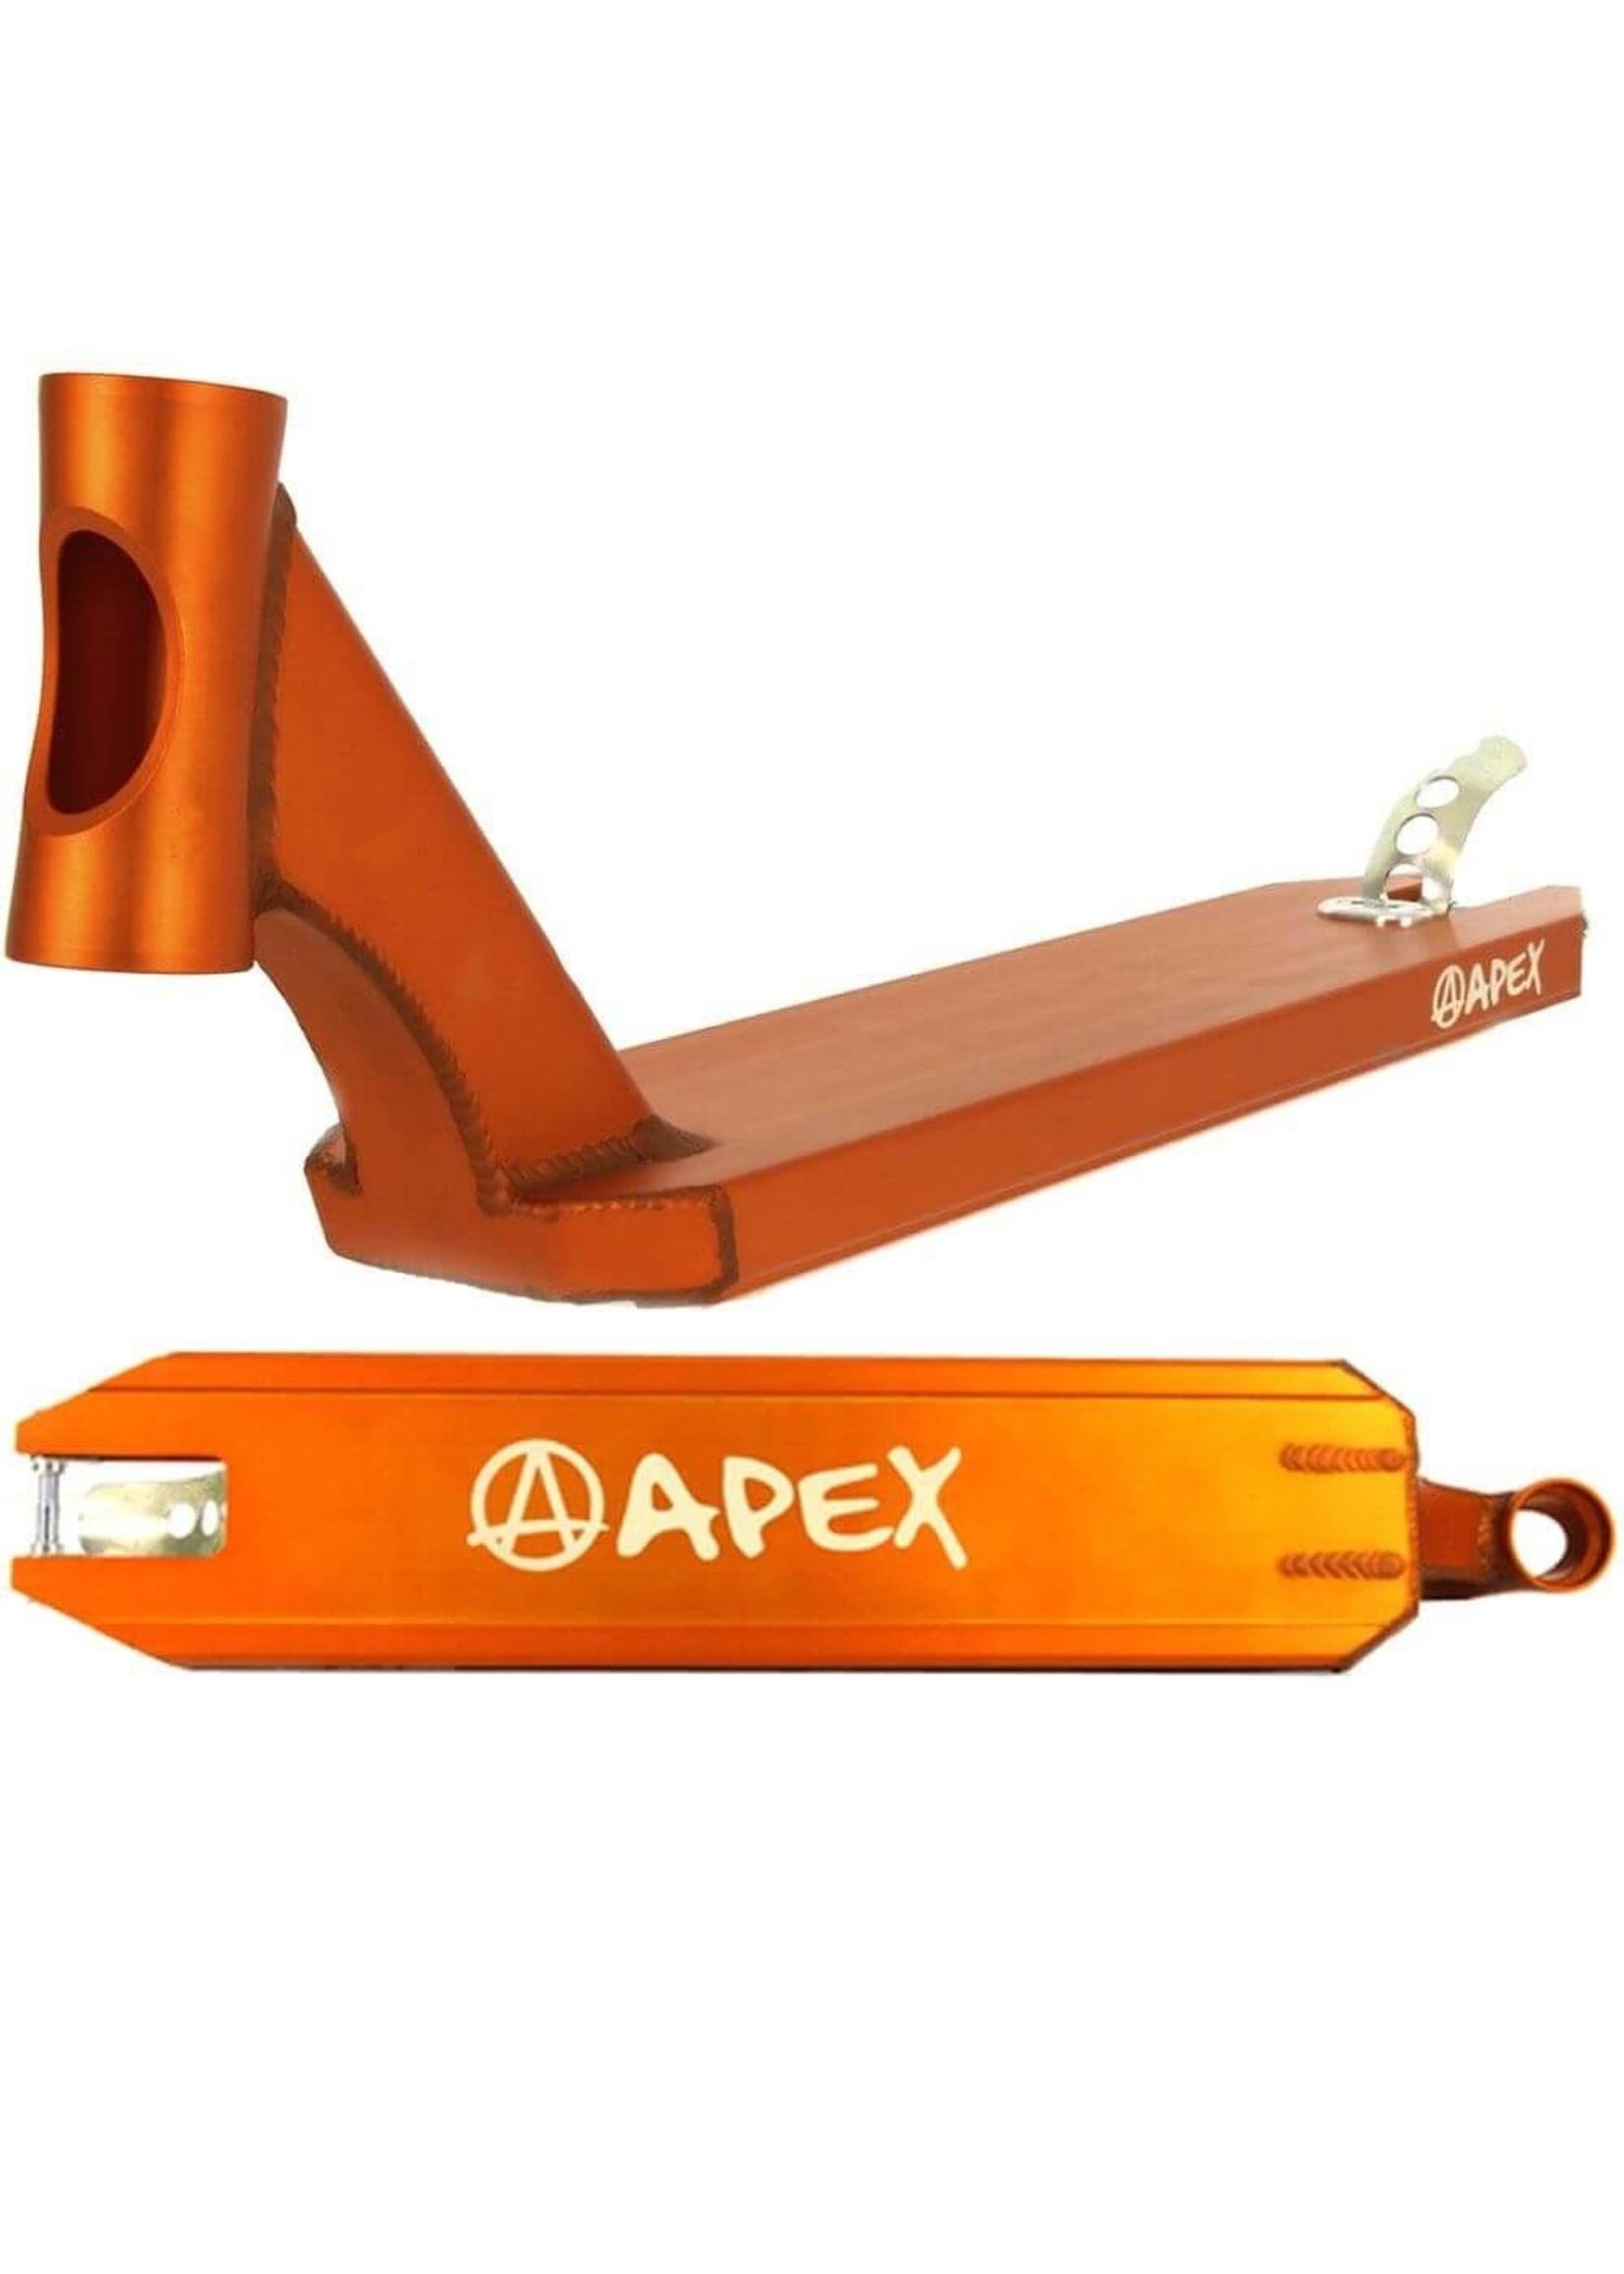 Apex Apex - Deck - 600mm